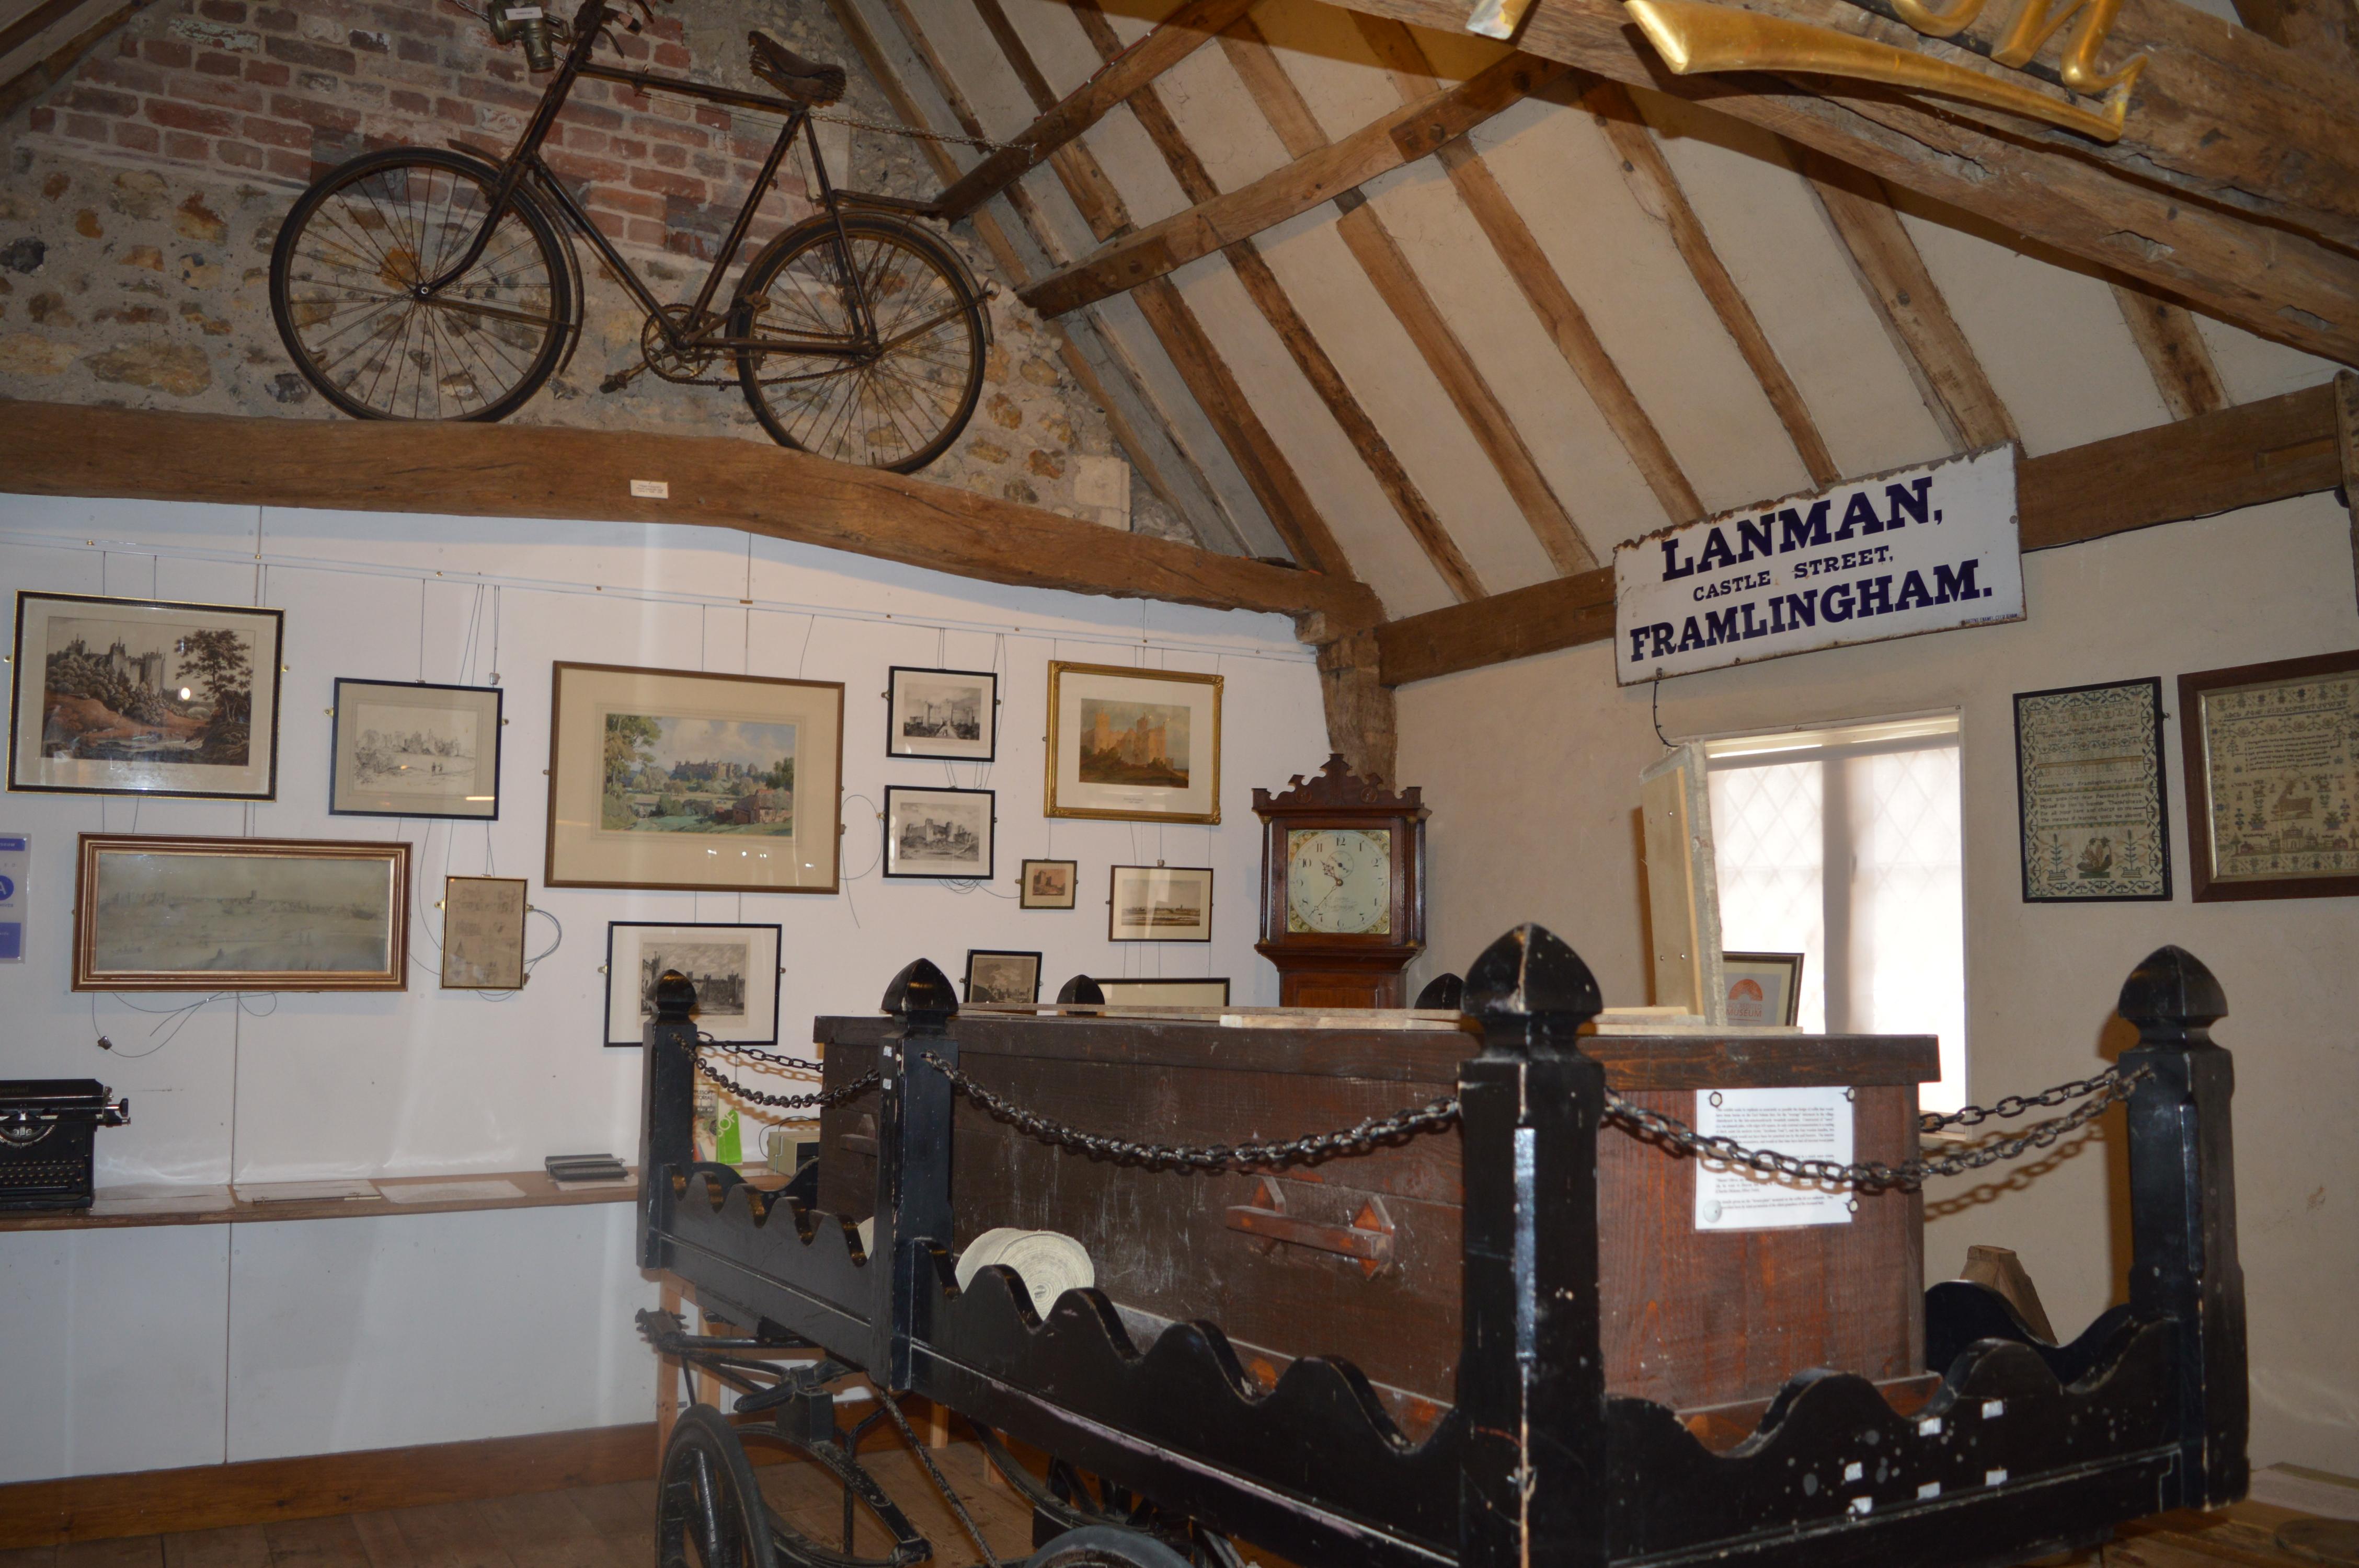 framlingham museum